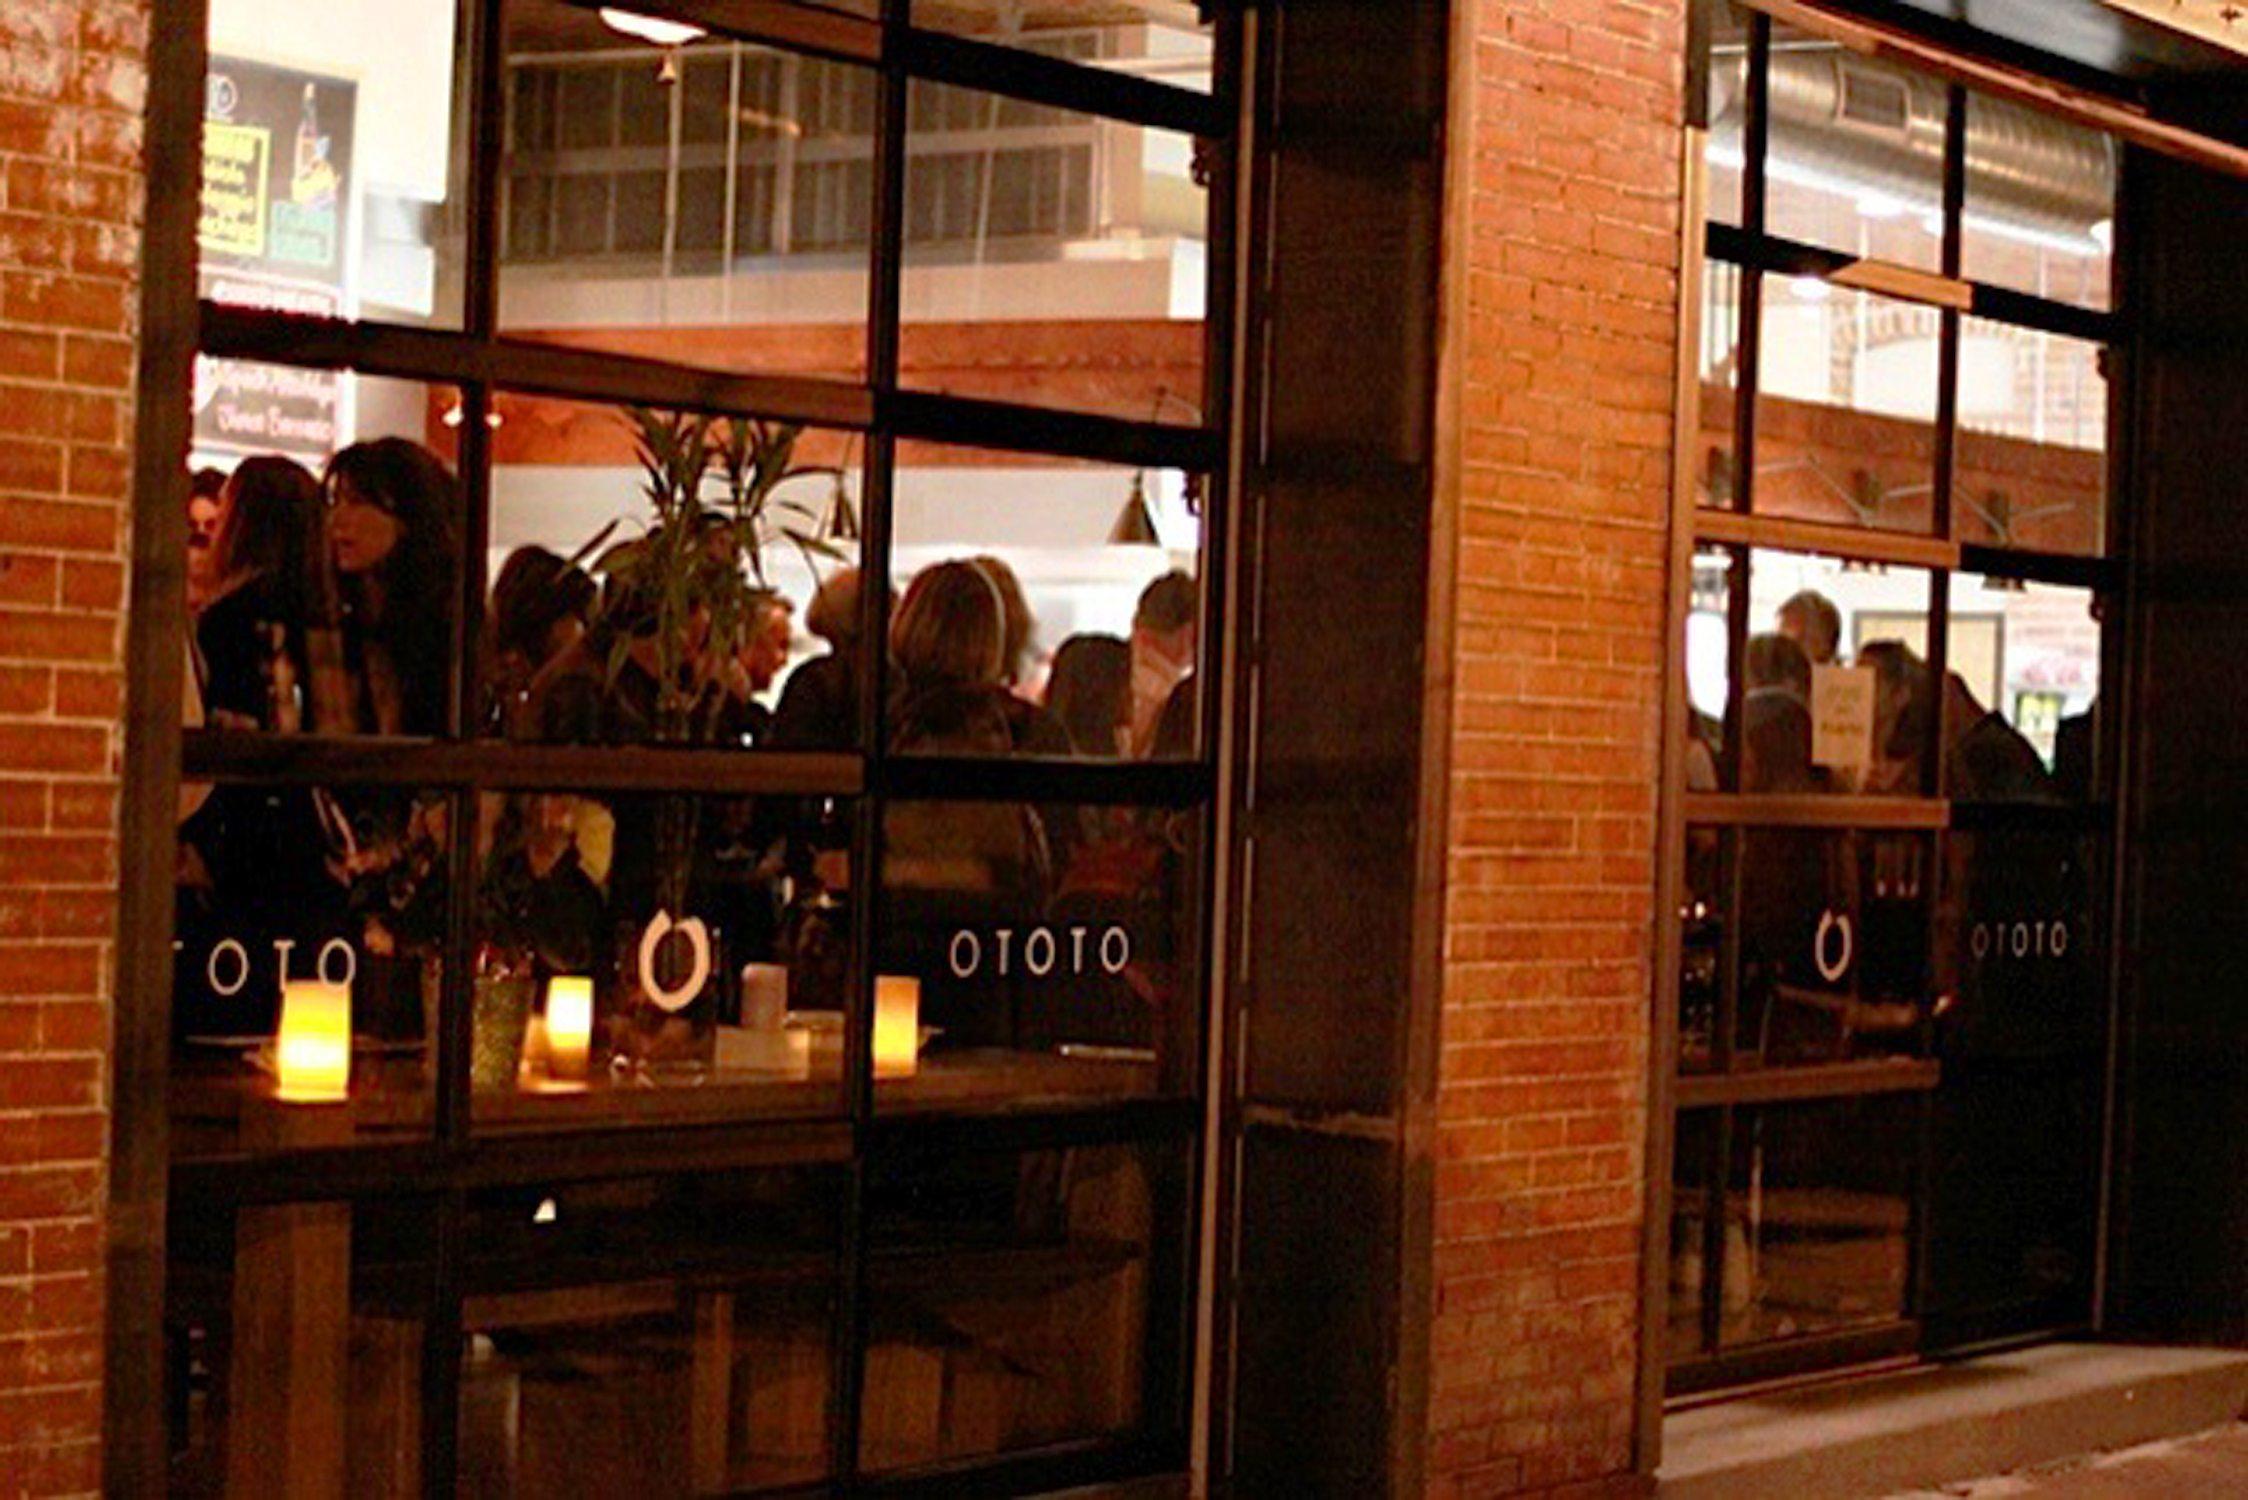 Ototo Den Denver Dining Opening - Get Ink PR